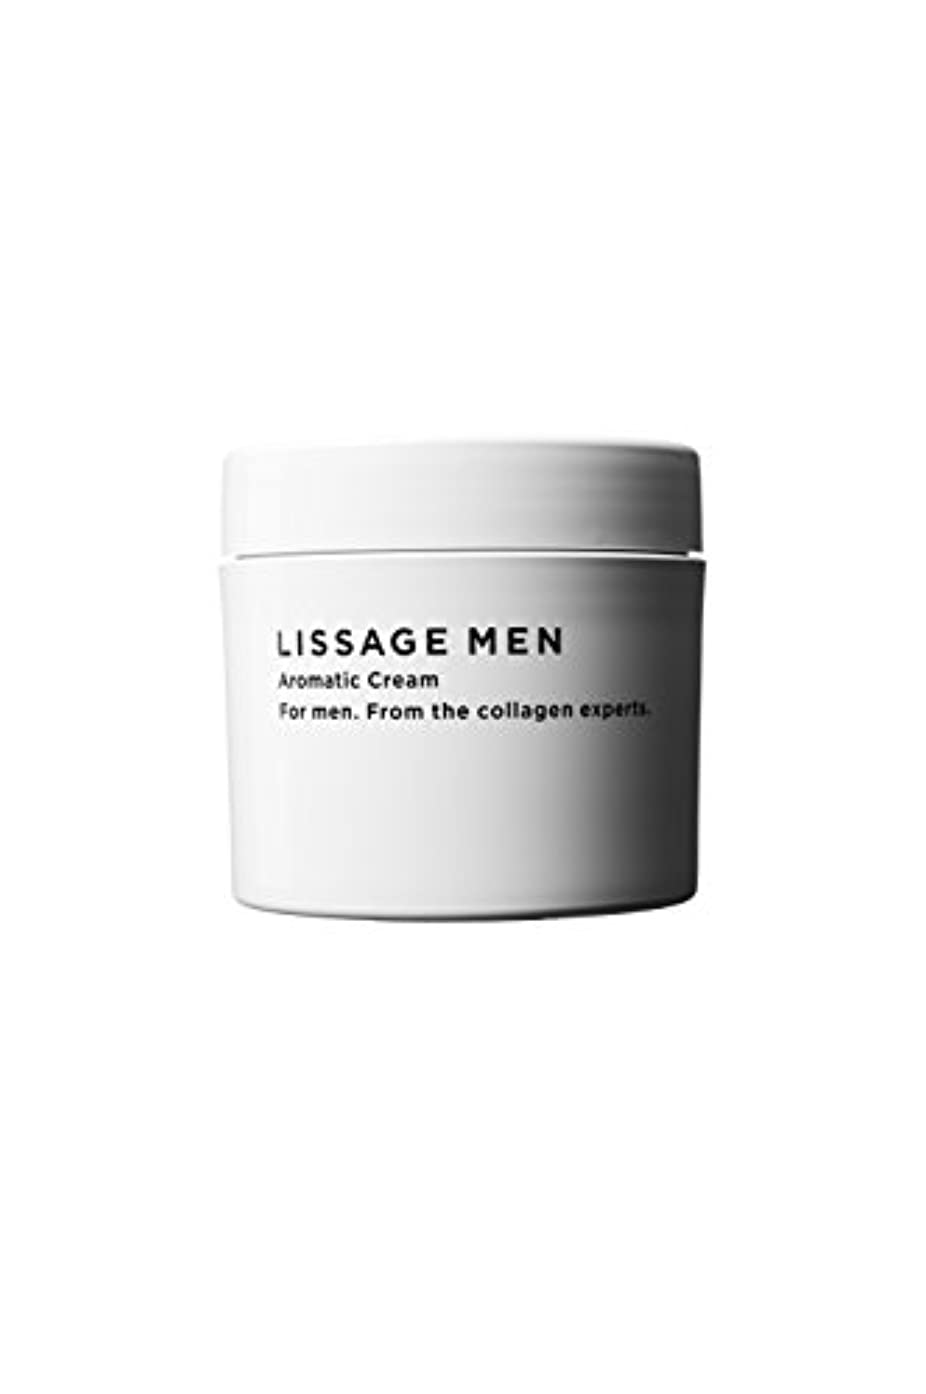 頭痛つづりバルクリサージ メン アロマティッククリーム 200g 男性用 ボディクリーム  (メンズ スキンケア)